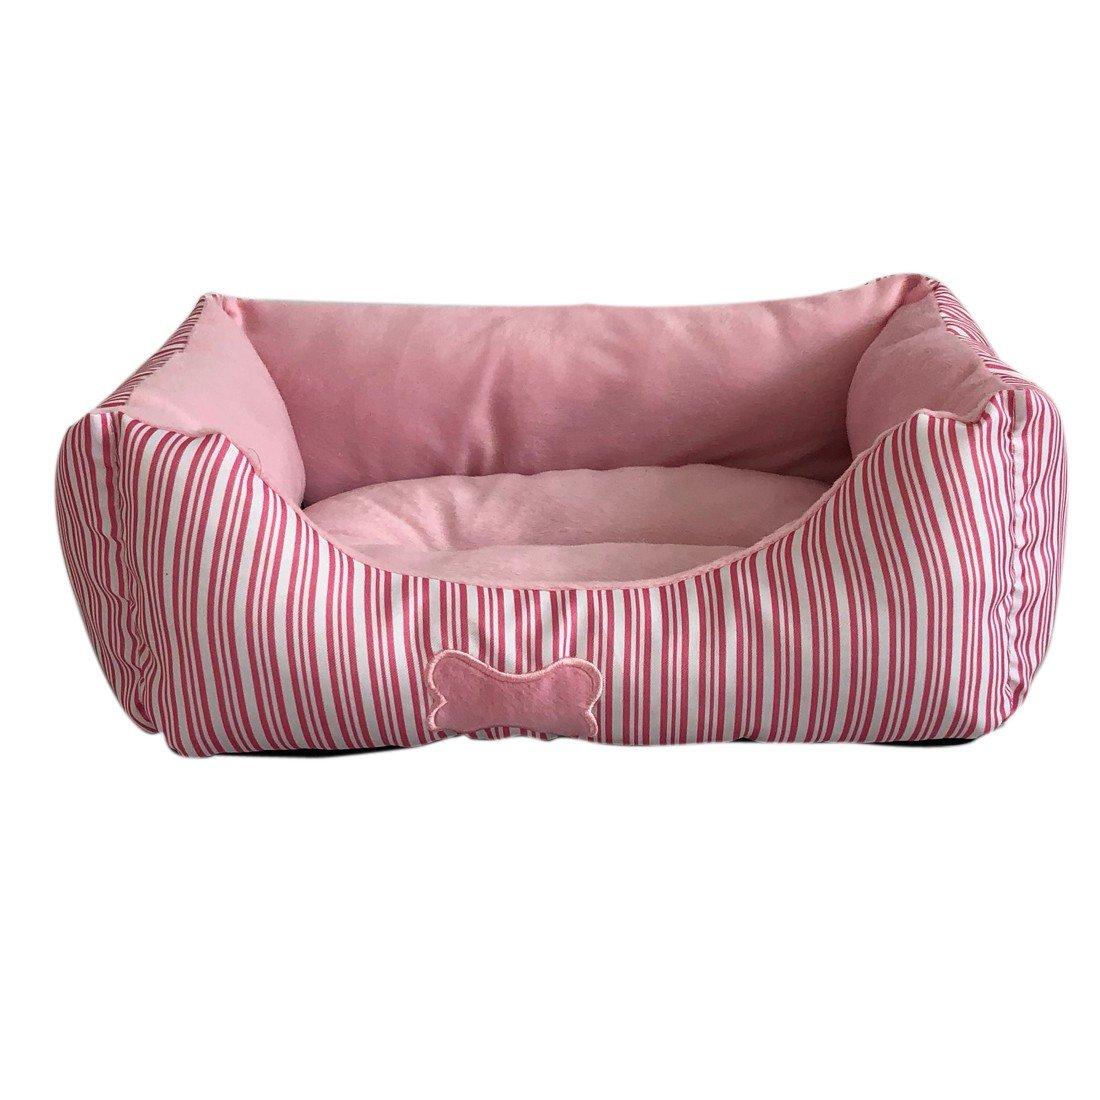 Gnaixeh Almohada para Mascotas Lavable con Canasta De Mascotas para Mascotas Almohada De Cama con Forro Polar: Amazon.es: Productos para mascotas